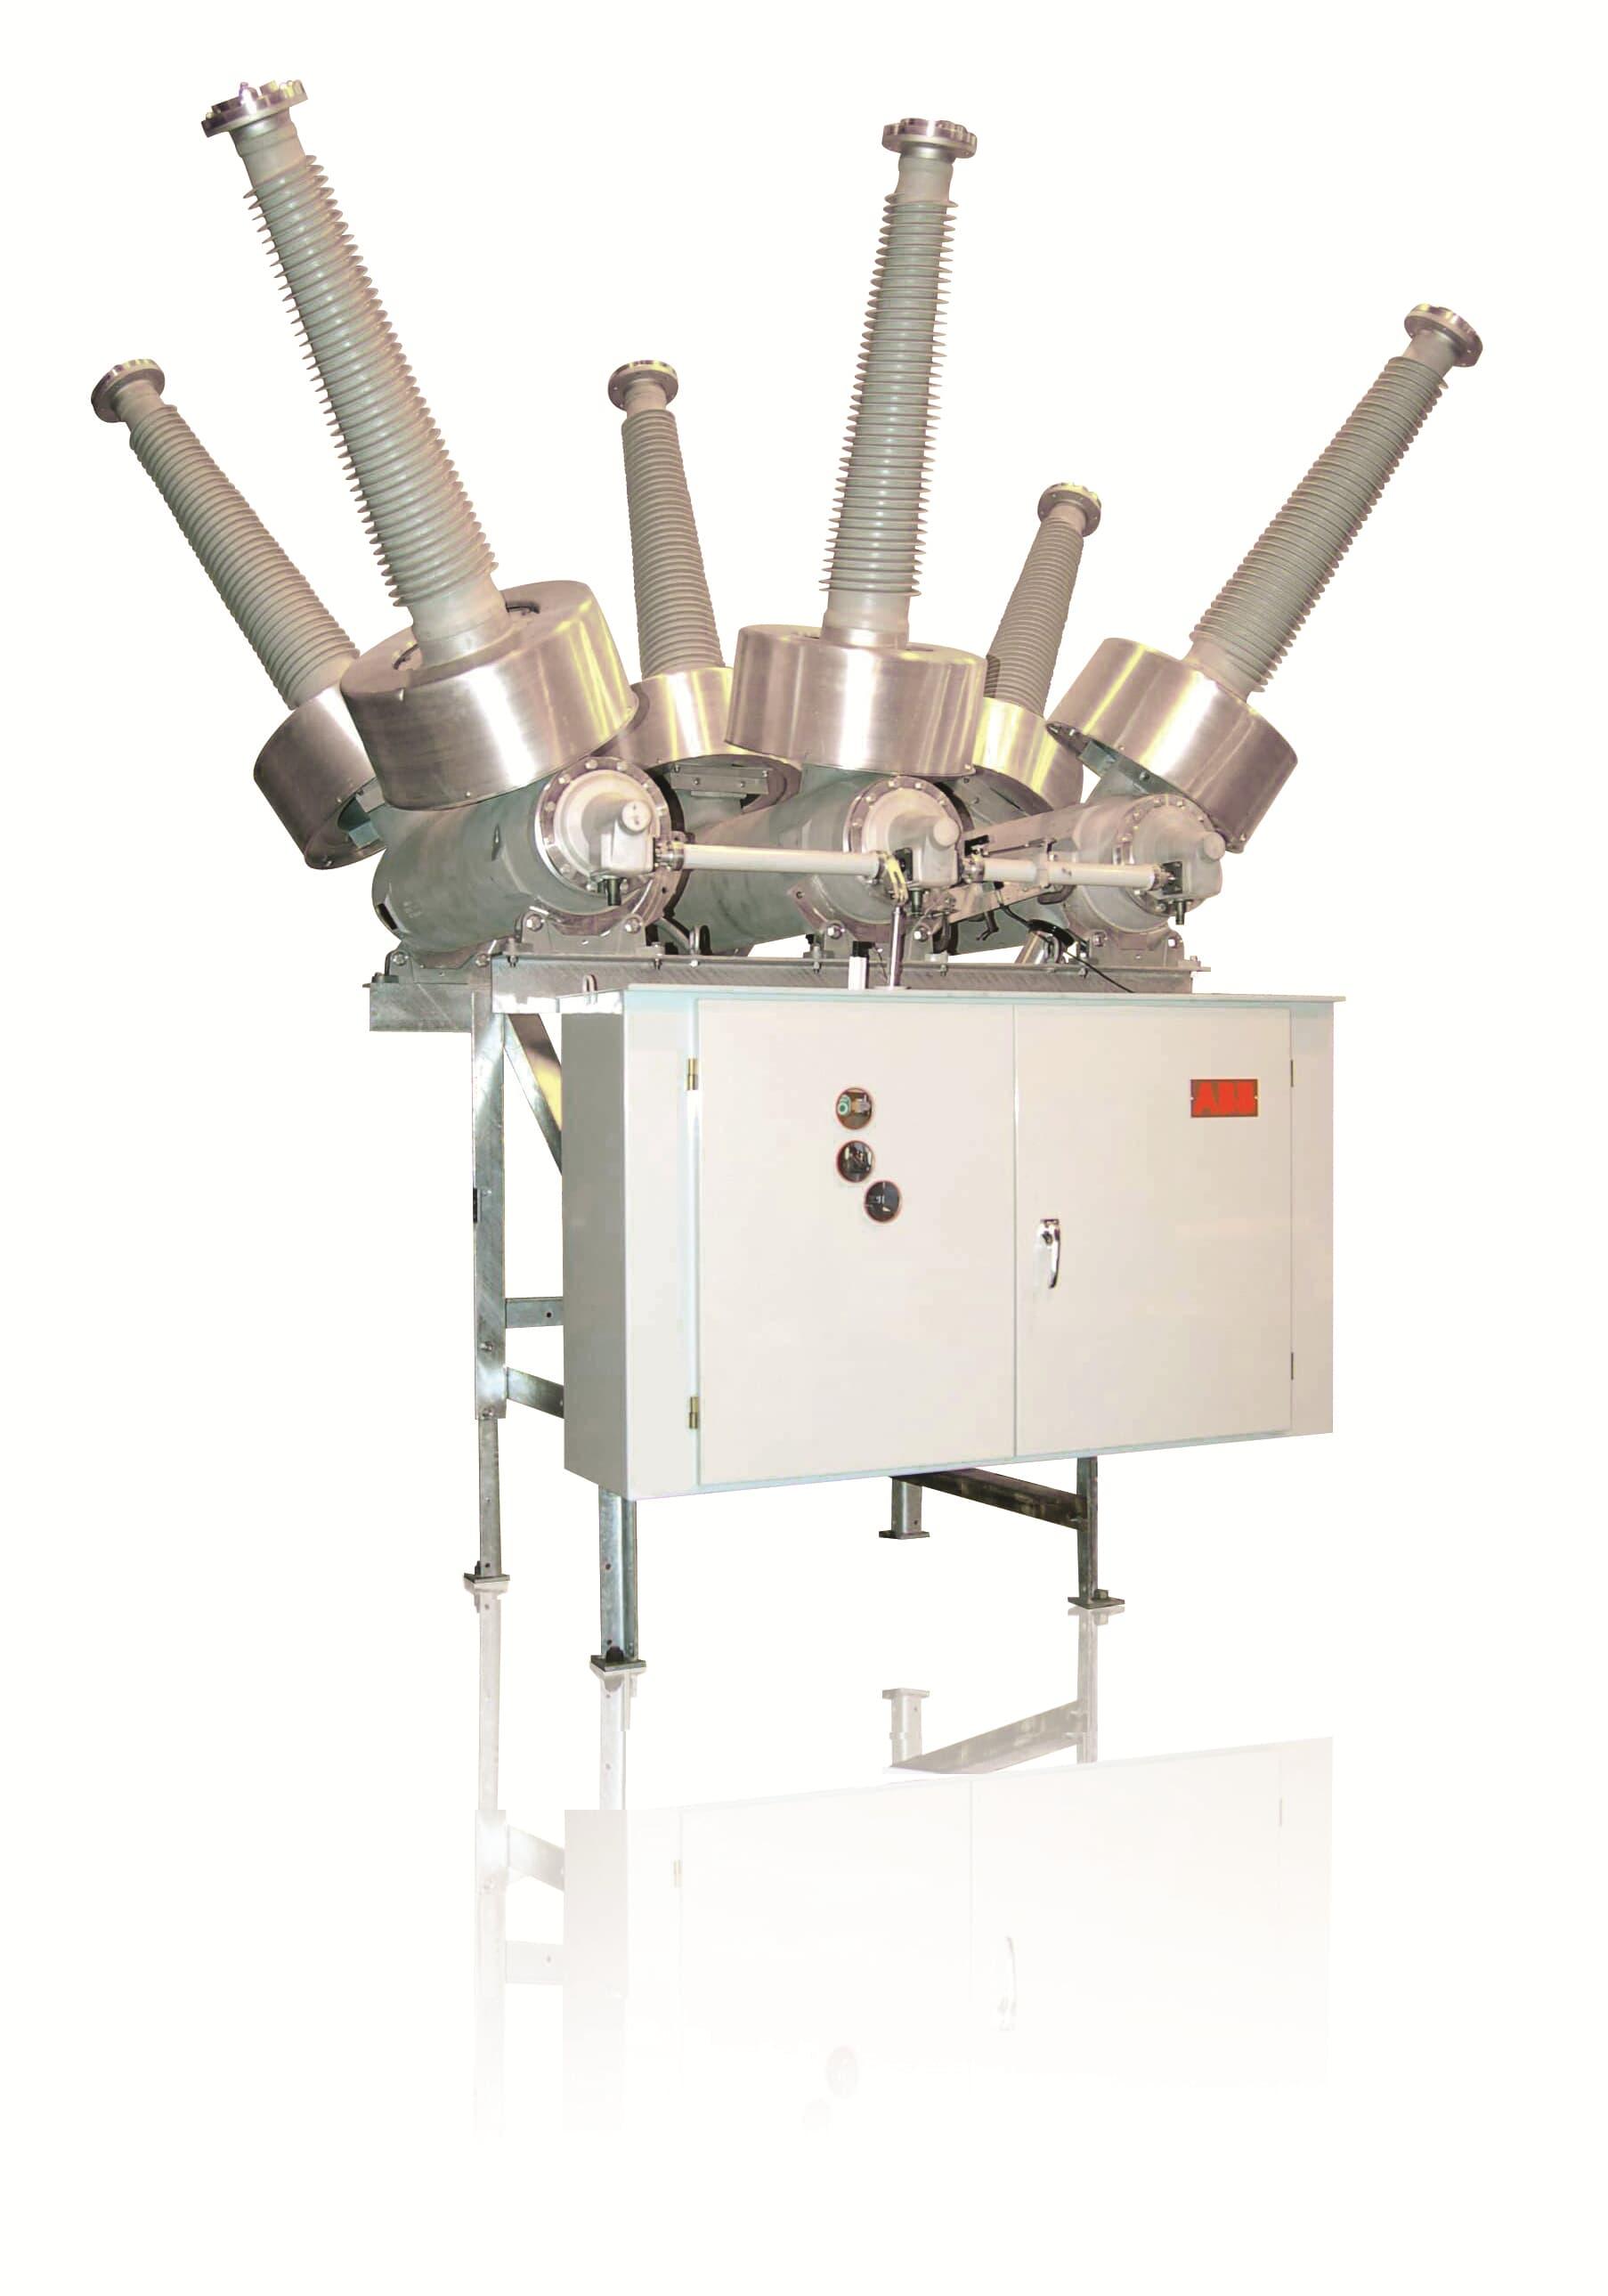 The 145 kV Type PM63-B